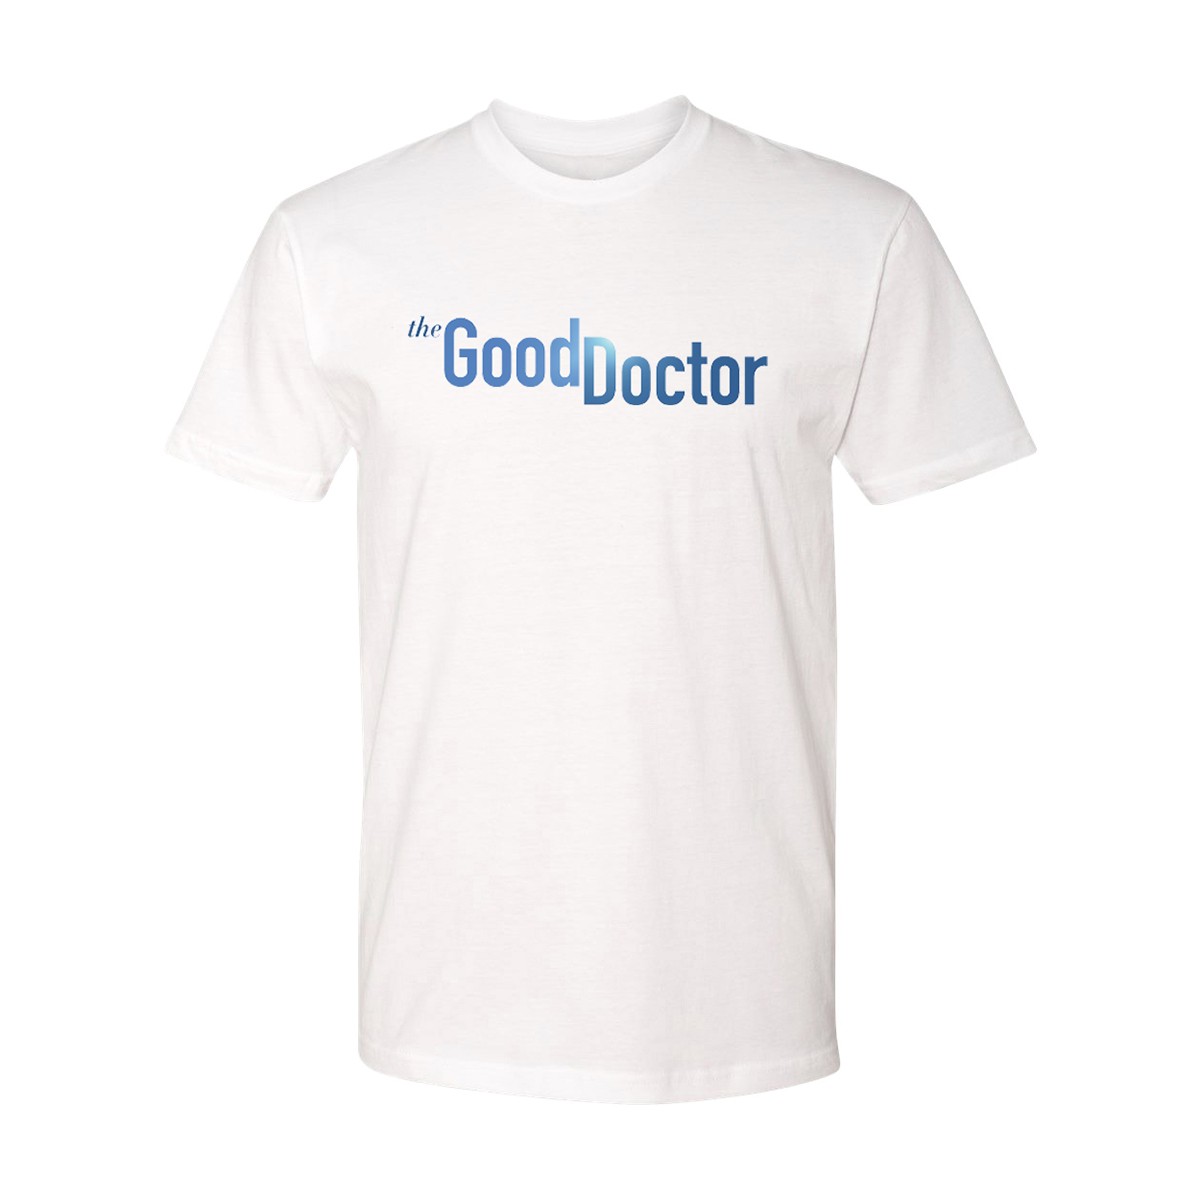 The Good Doctor Logo T-Shirt (White)